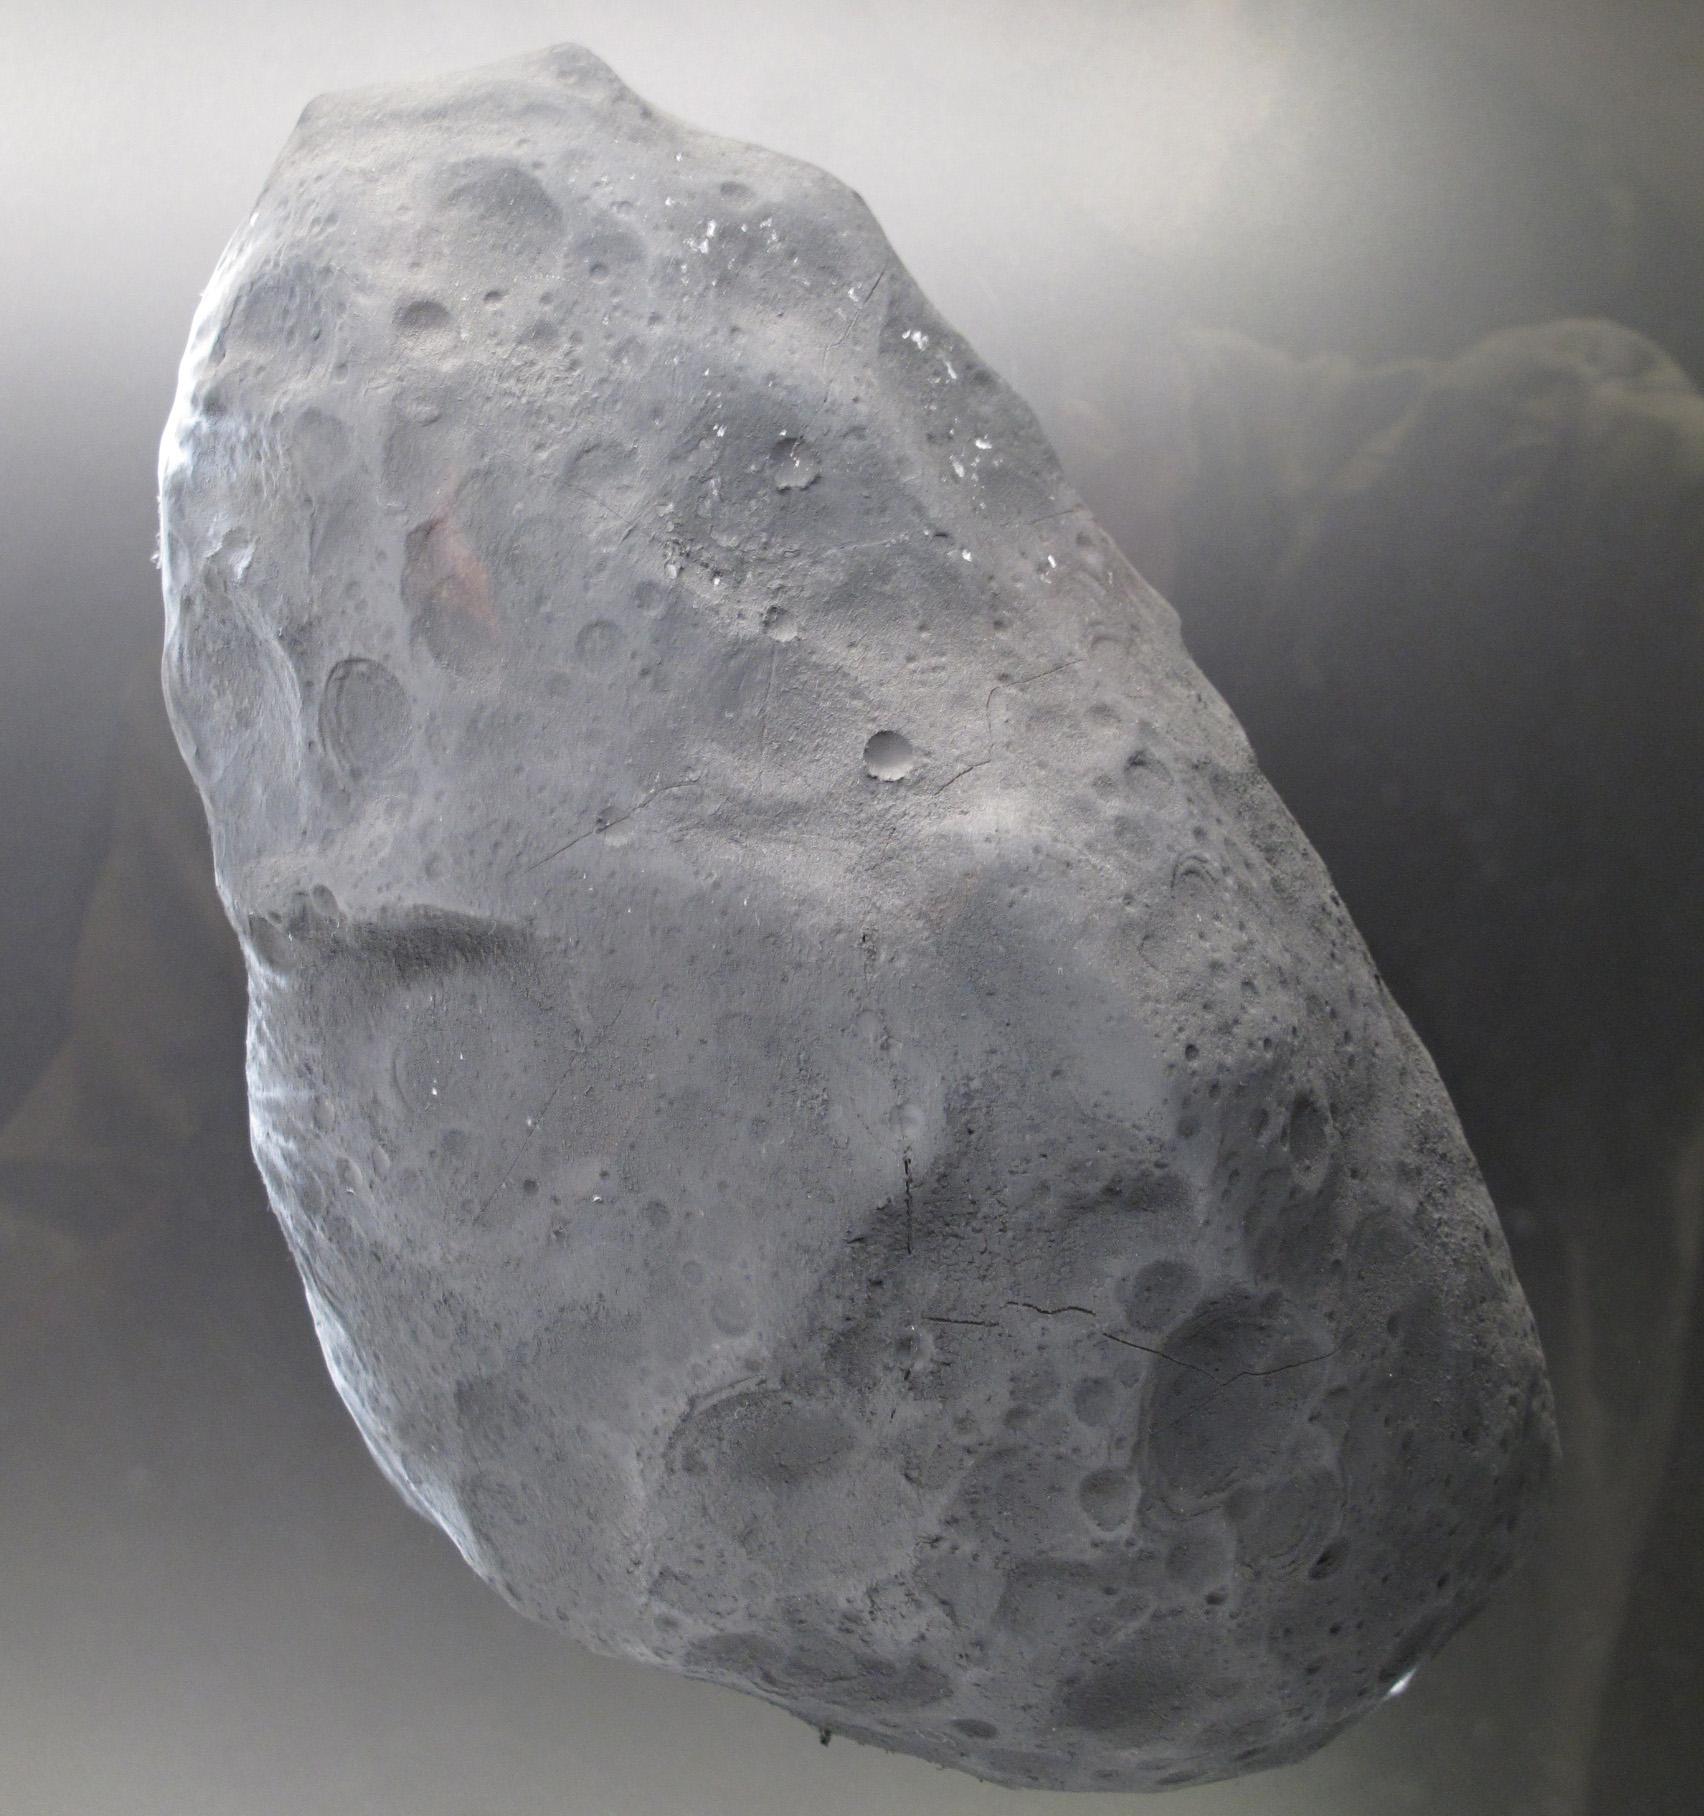 Comet Model